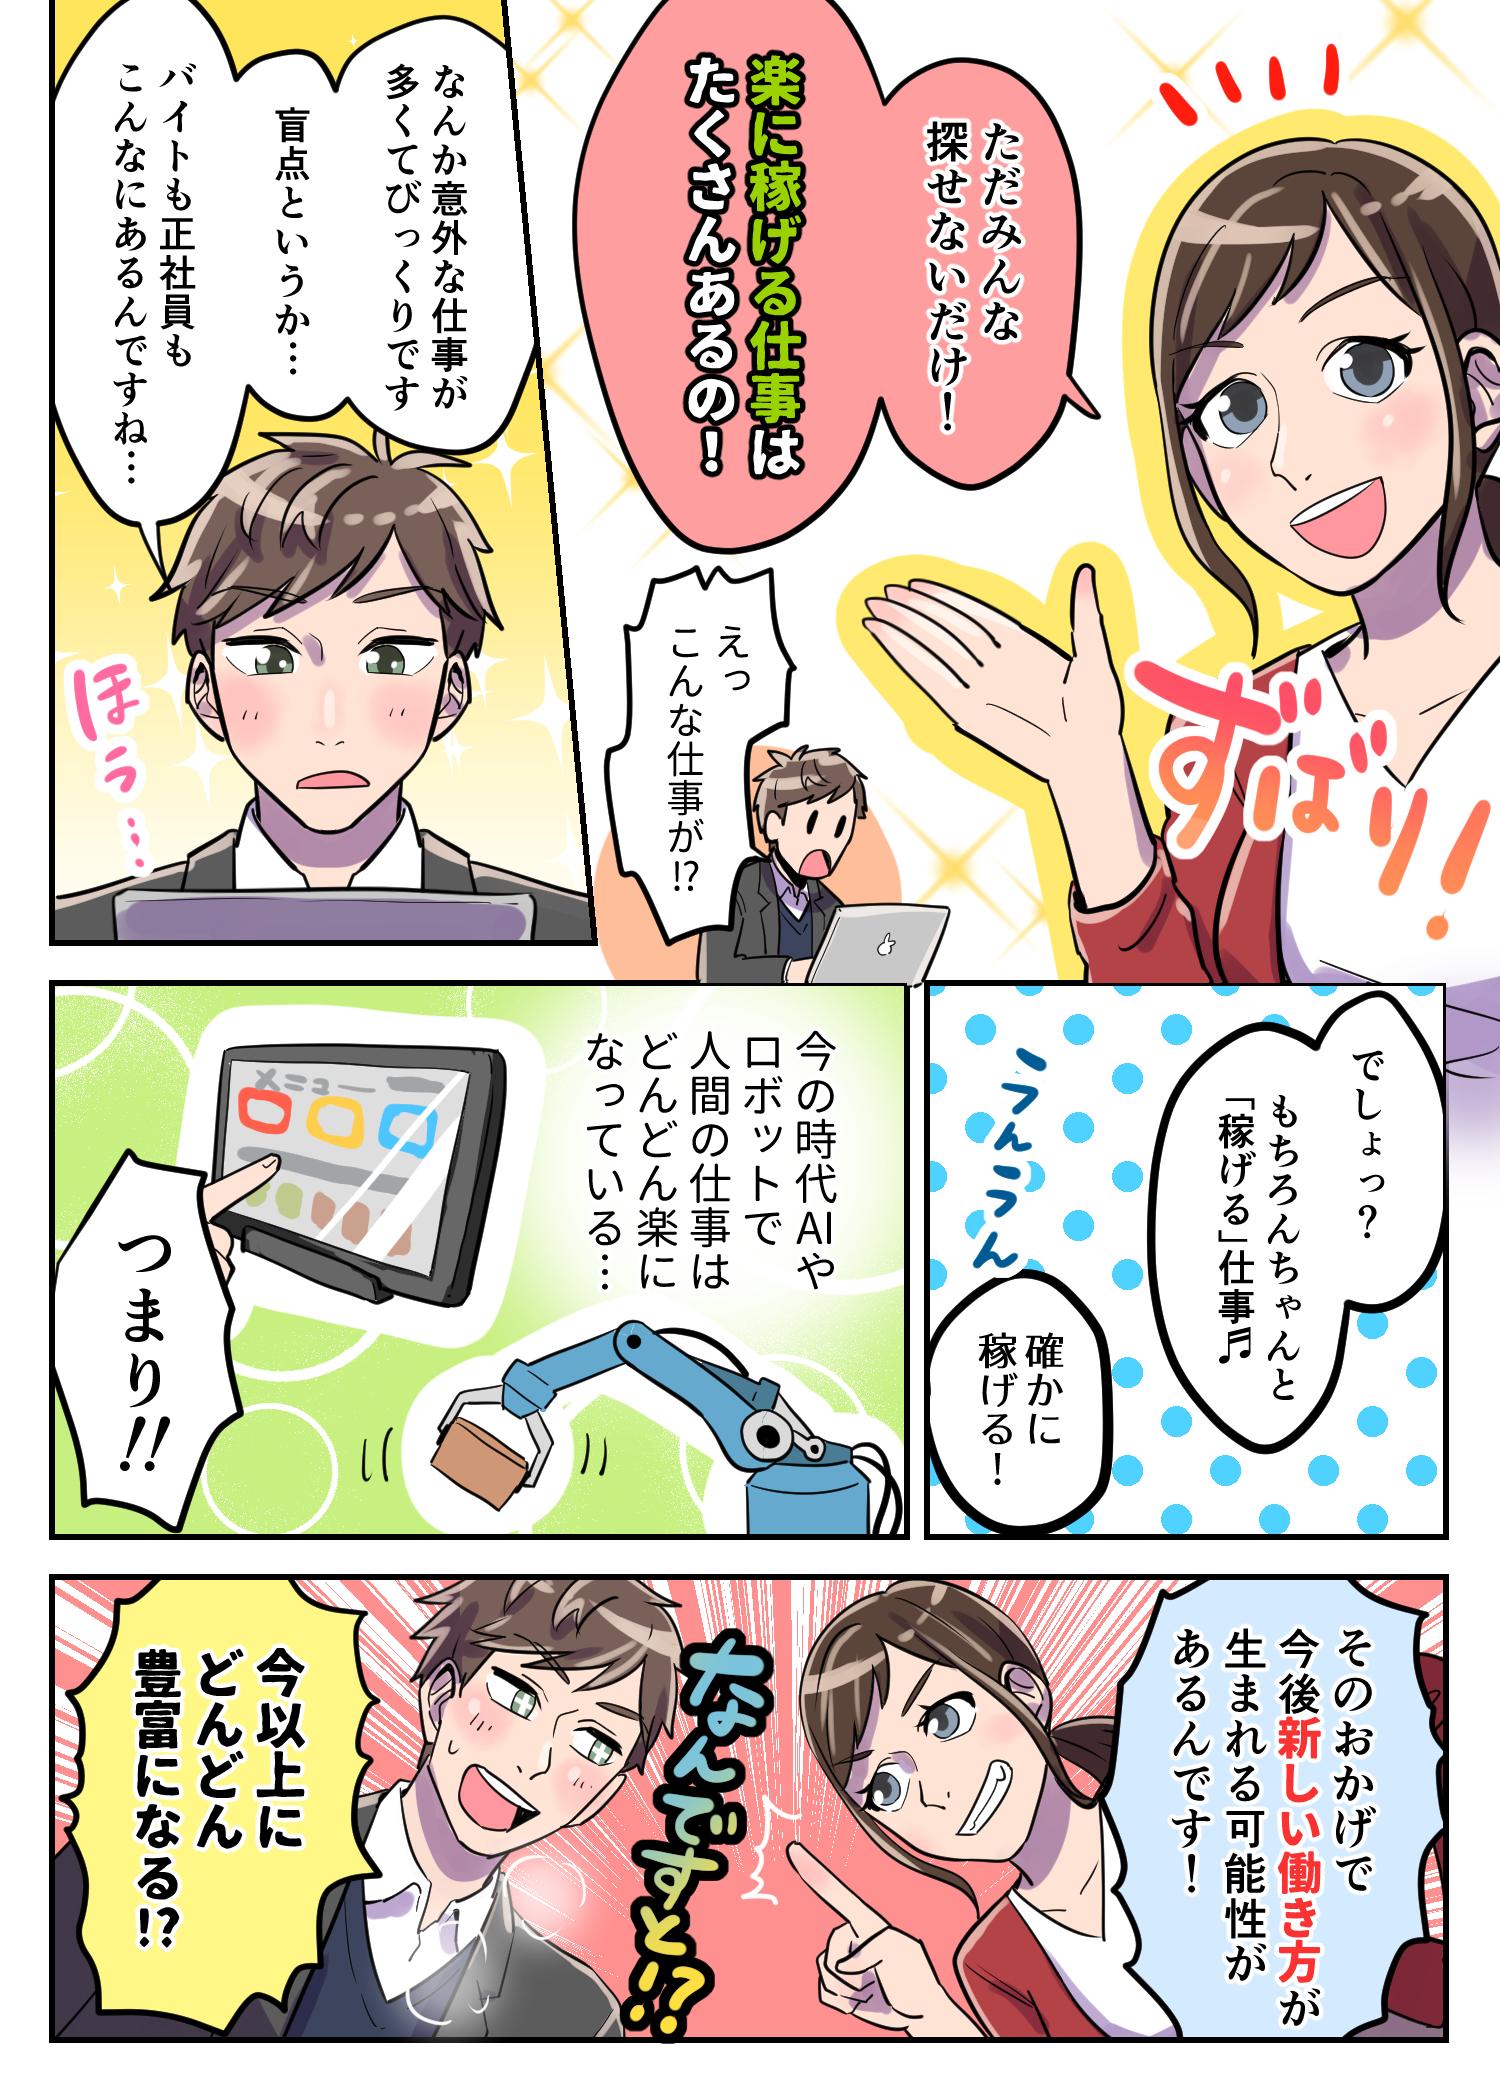 楽な仕事の解説漫画2